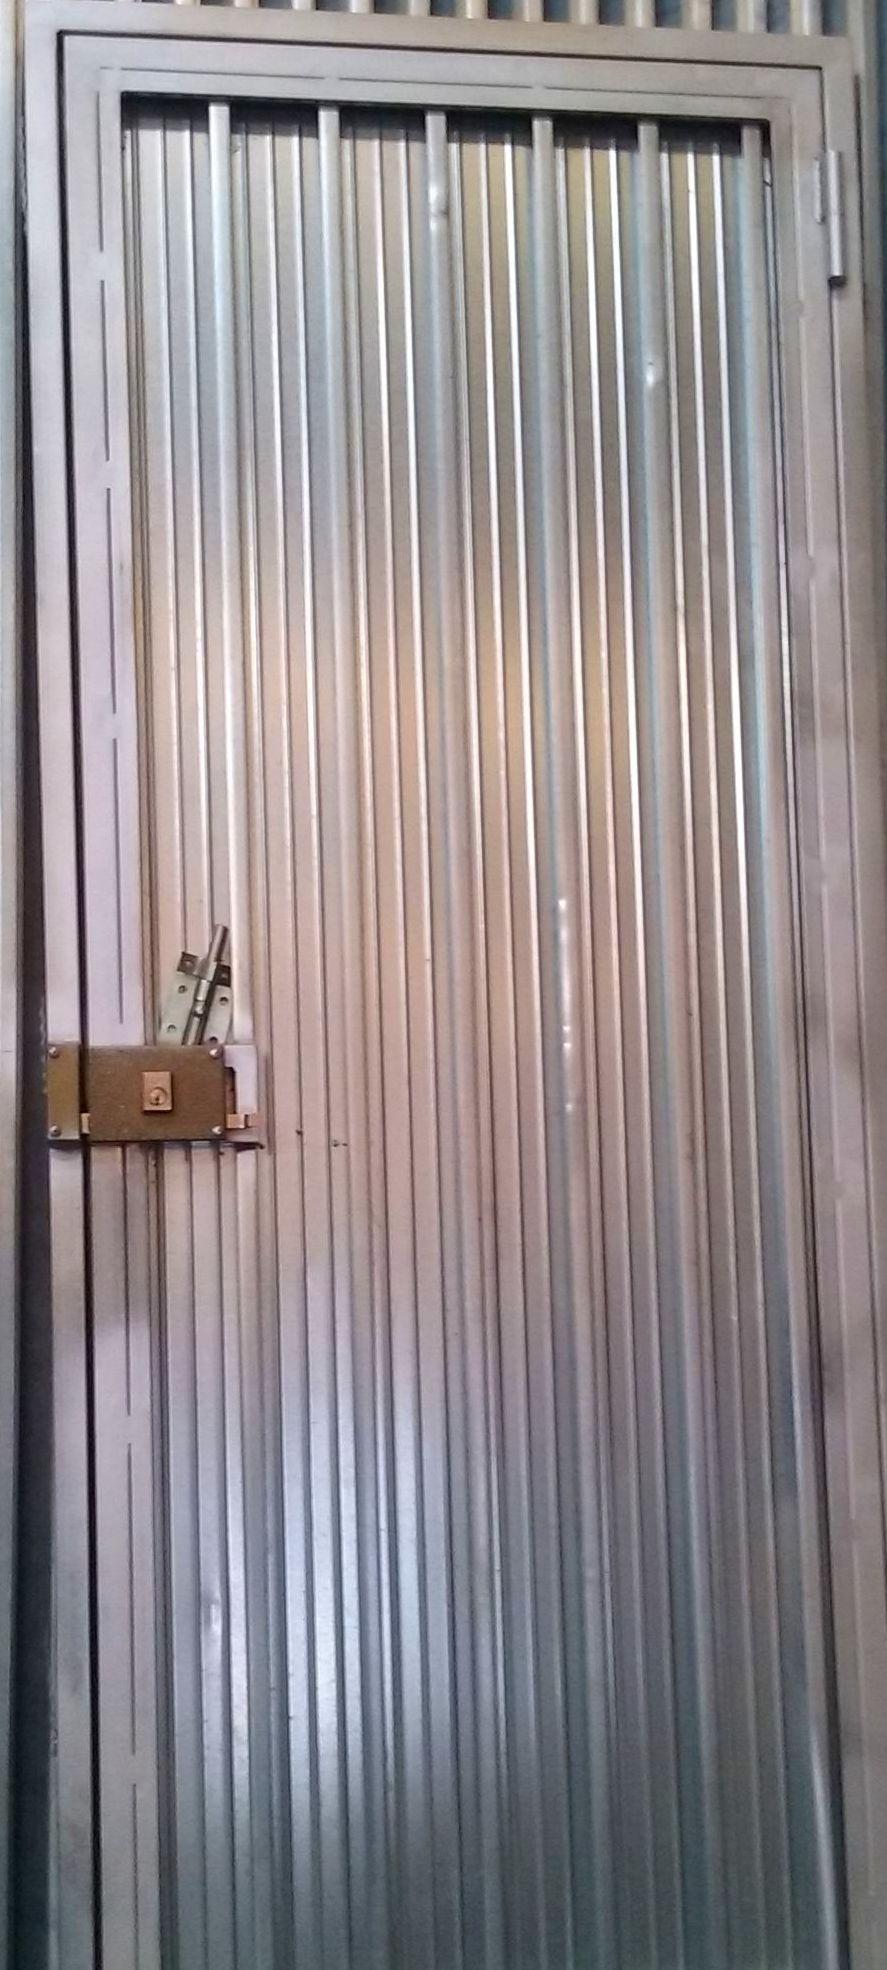 Foto 115 de Carpintería de aluminio, metálica y PVC en  | Exposición, Carpintería de aluminio- toldos-cerrajeria - reformas del hogar.